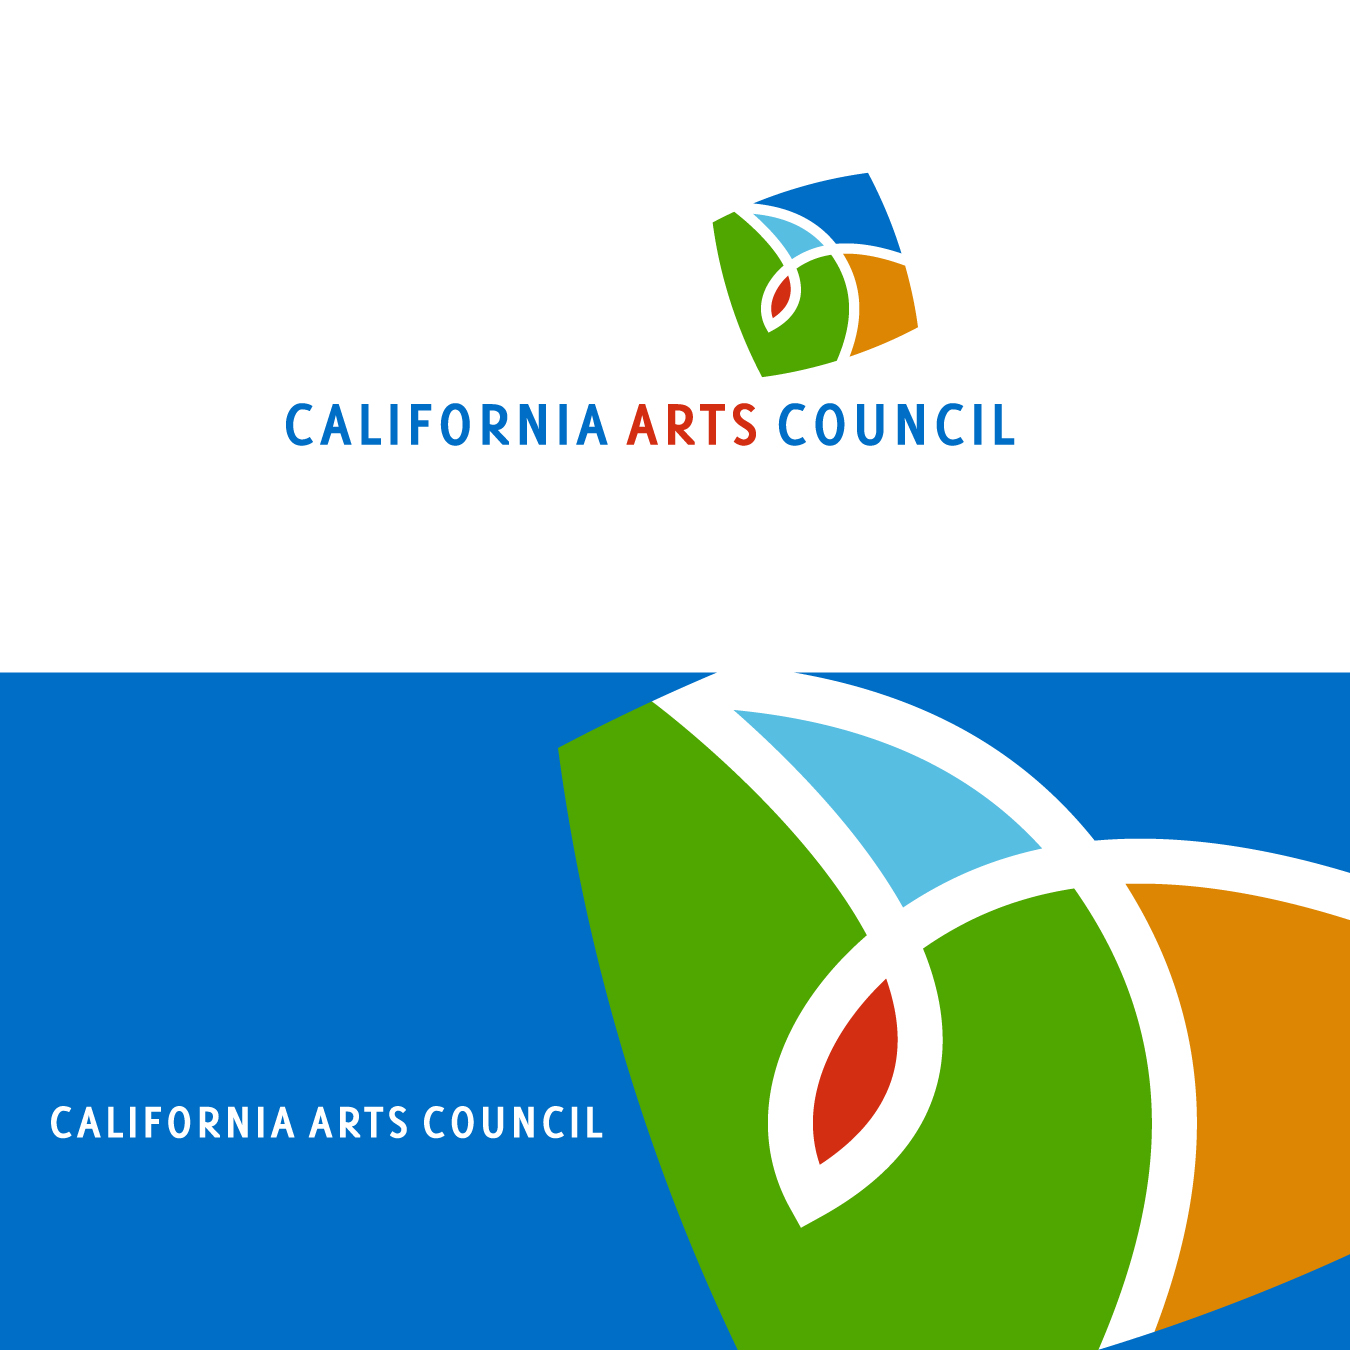 California Arts Council logo.